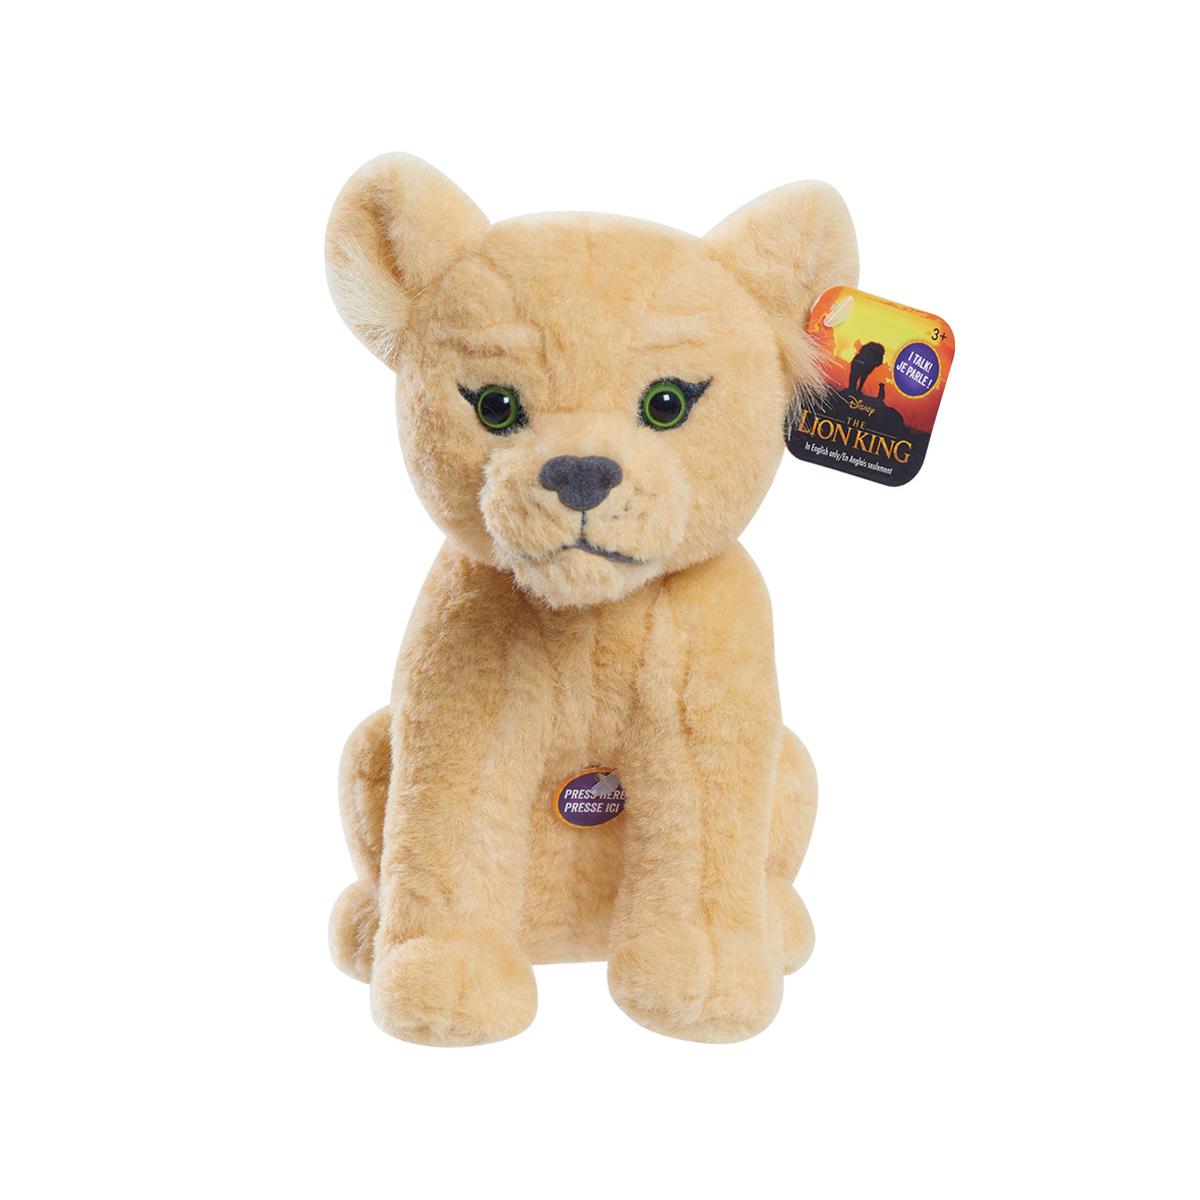 Lion King Talking Plush Toy Nala